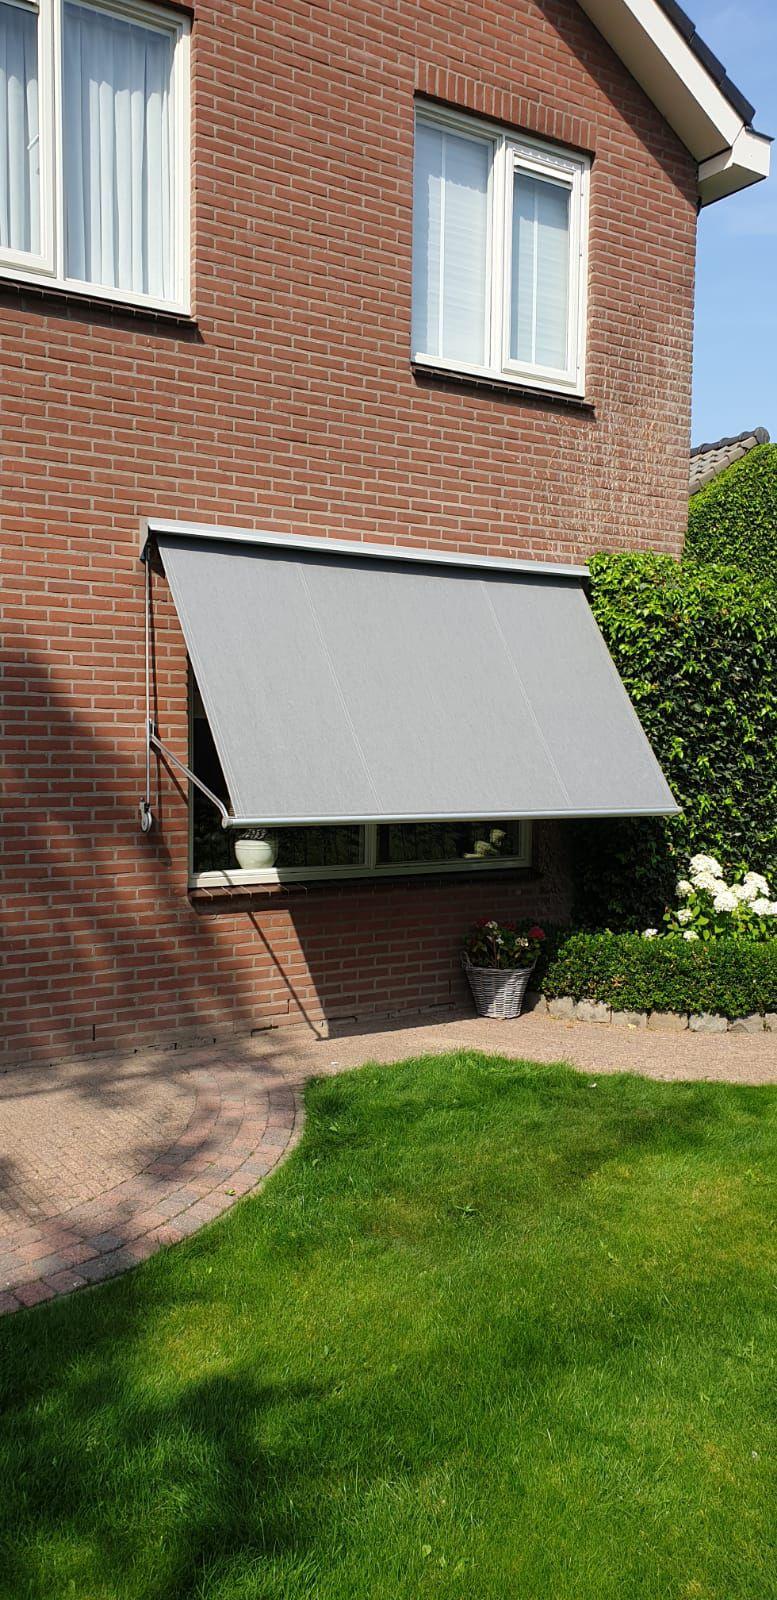 Op maat gemaakte zonnescherm | J. Meijering Montage uit Opheusden!